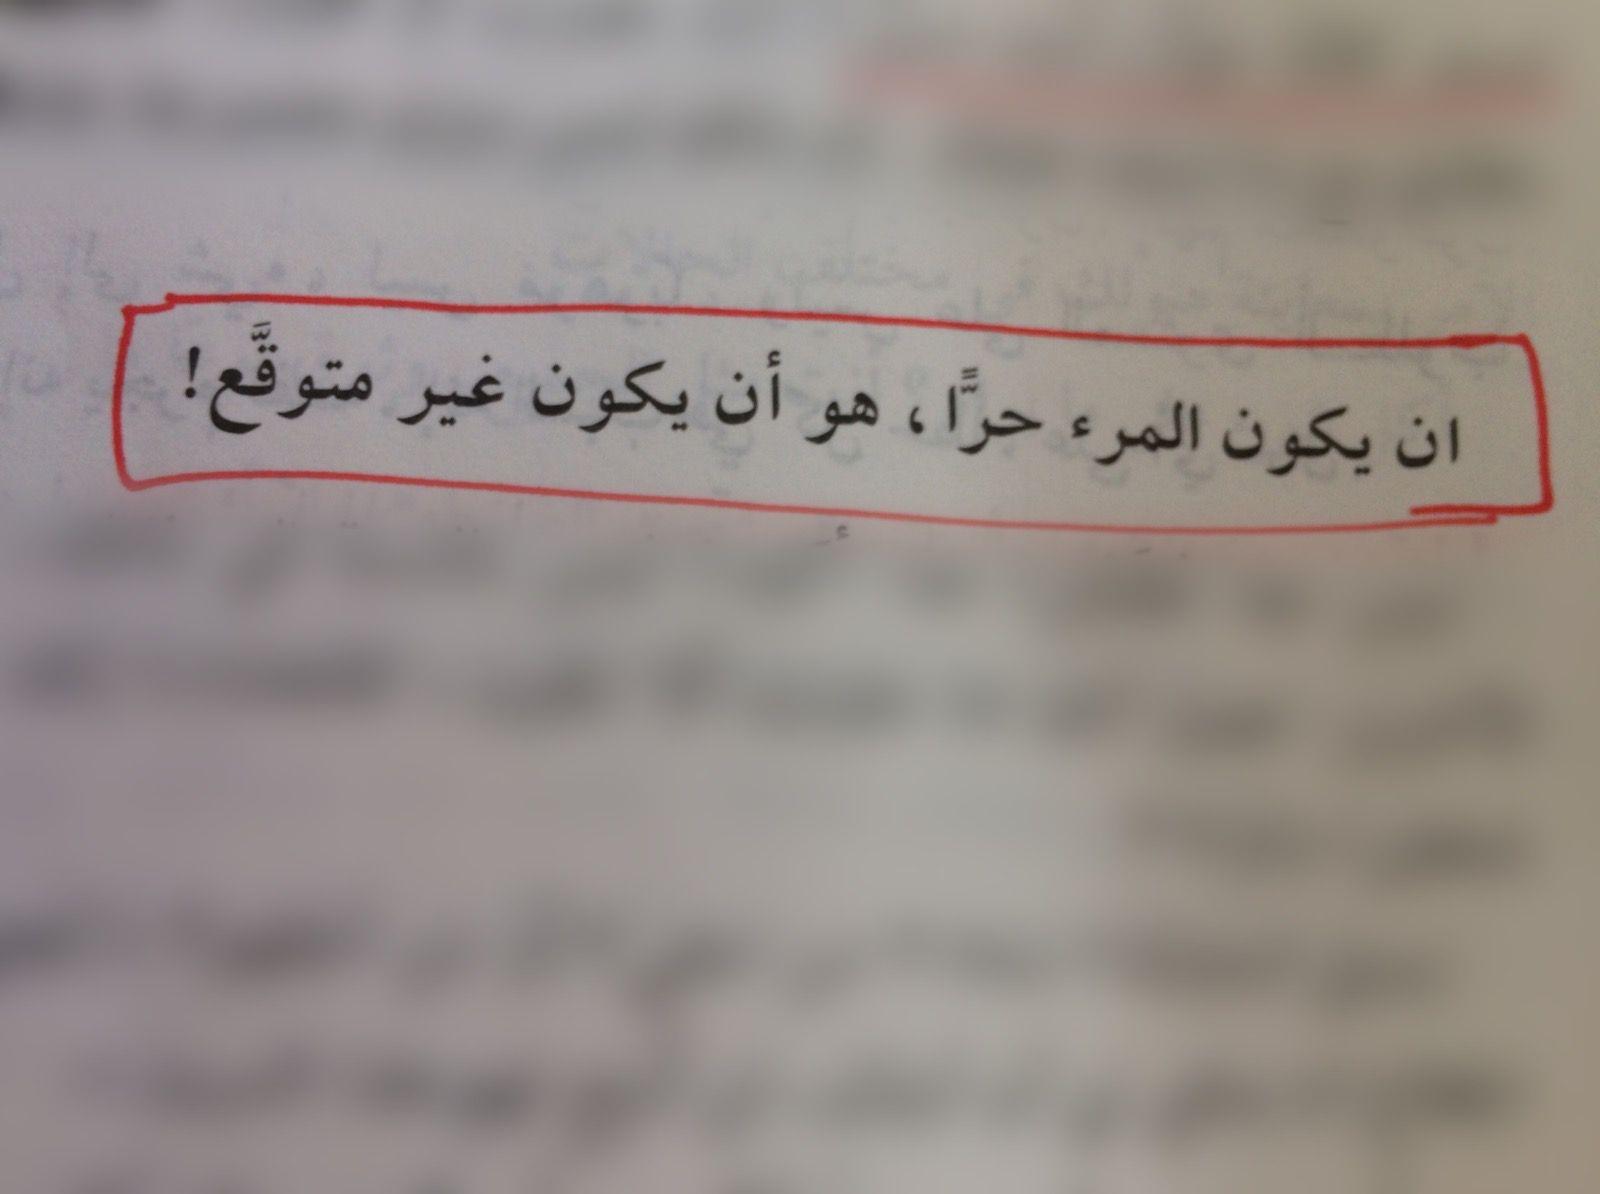 من كتاب إكتشف طريقك الخاص سمير شيخاني Inspirational Quotes Funny Arabic Quotes Words